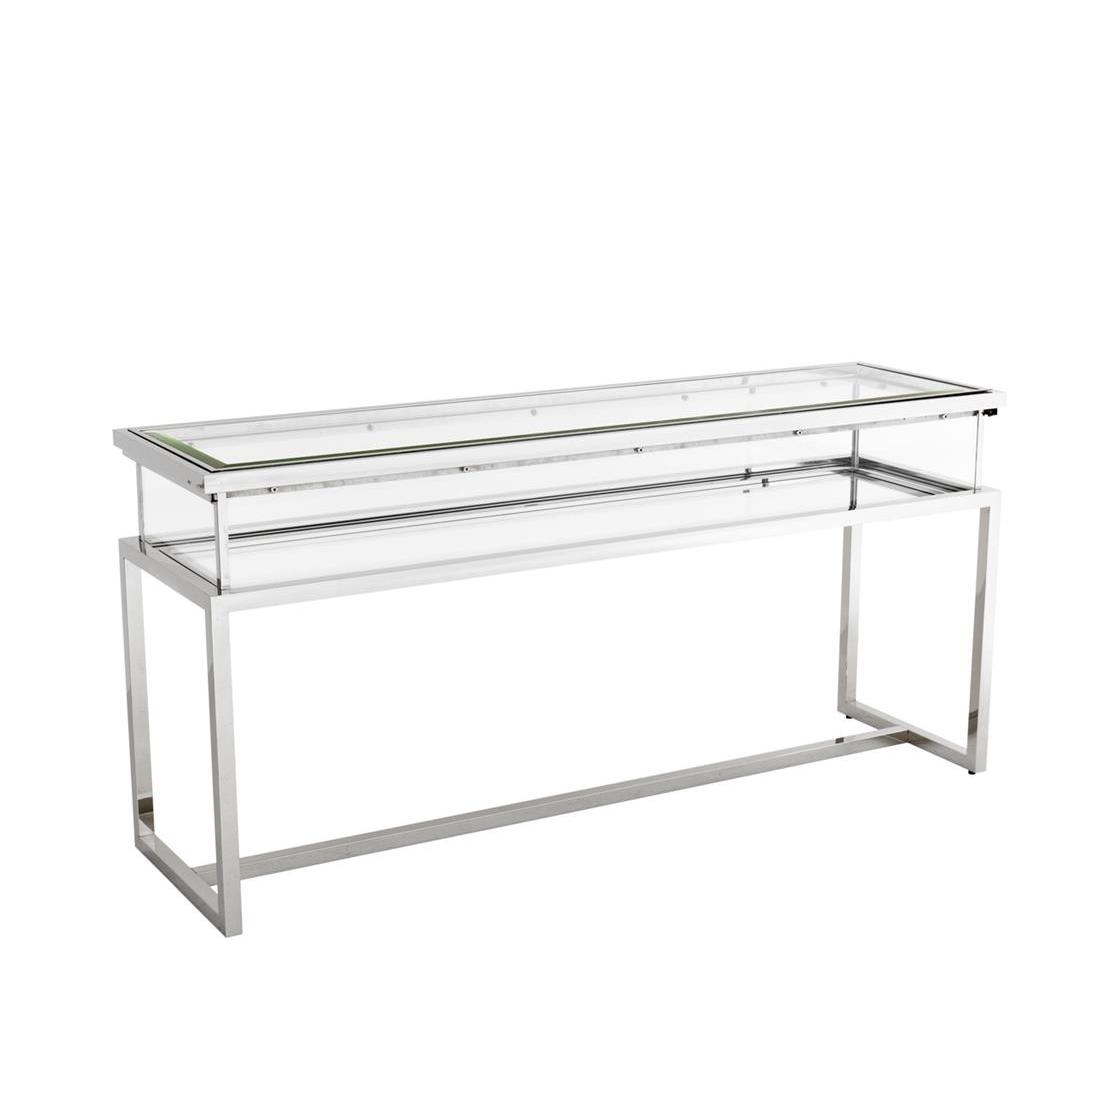 Купить Консоль Janssen из хромированного металла и стекла, inmyroom, Китай